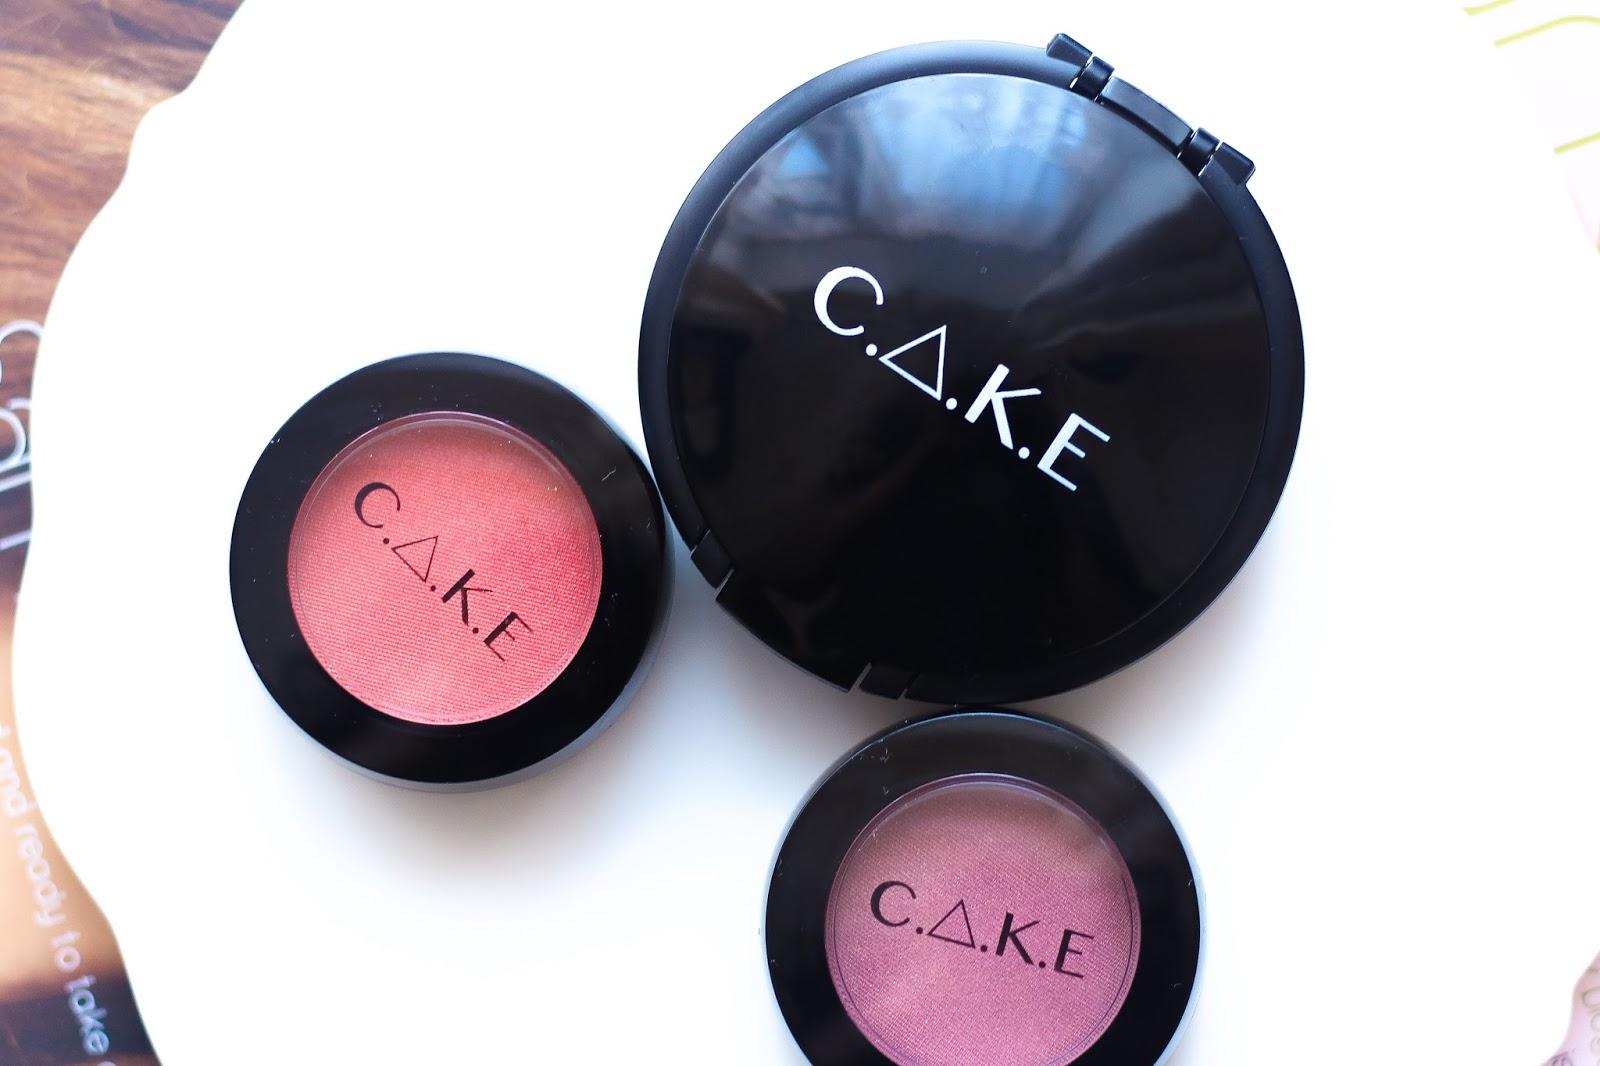 Cake Cosmetics